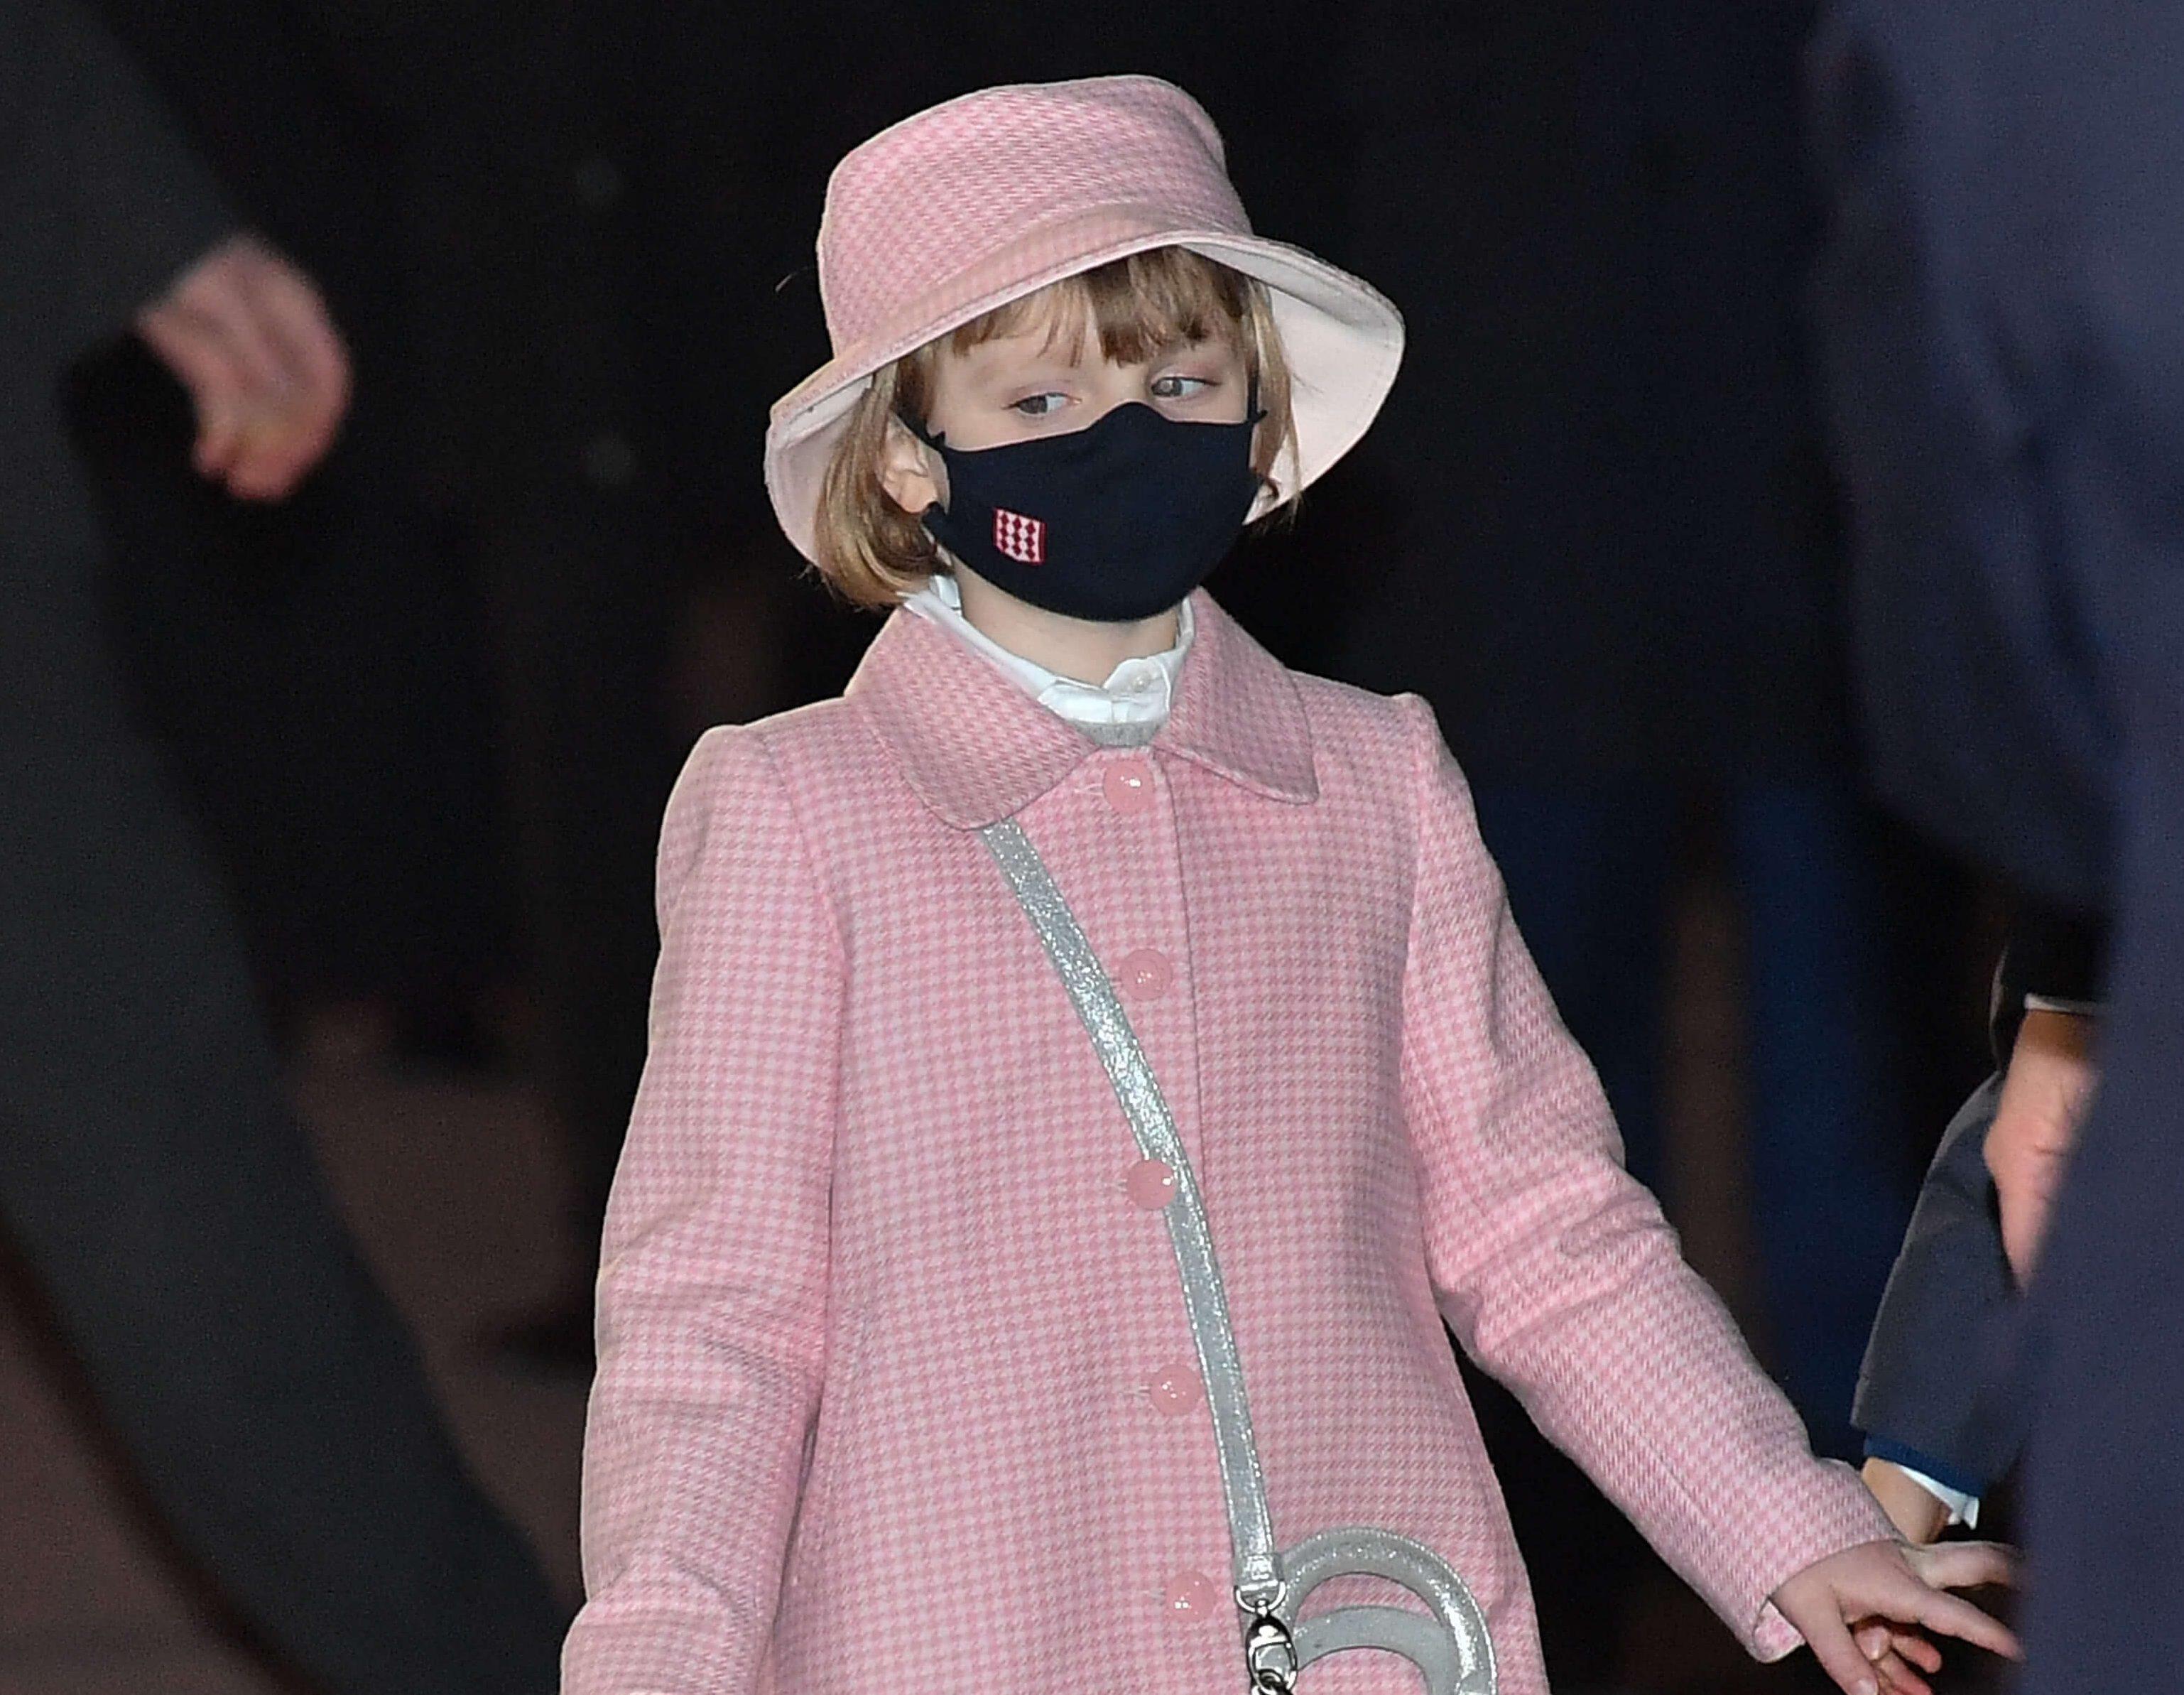 Prinzessin-Gabriella-von-Monaco-Ihr-Outfit-kostet-ein-Verm-gen